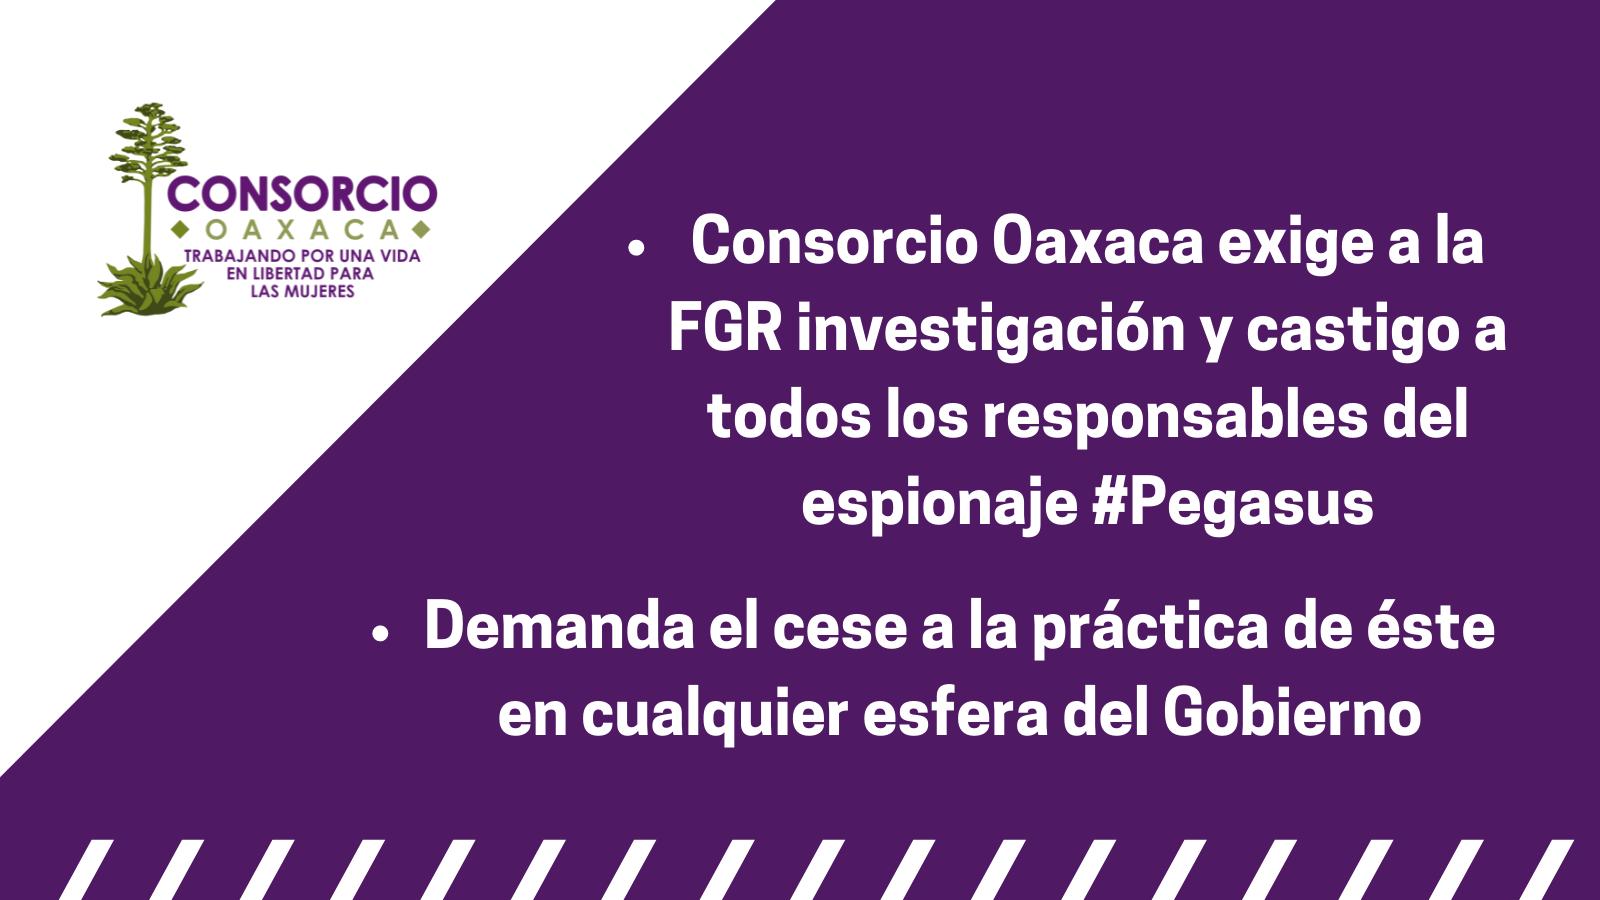 Repudiamos el espionaje masivo e ilegal en contra de personas defensoras durante sexenio de Enrique Peña Nieto